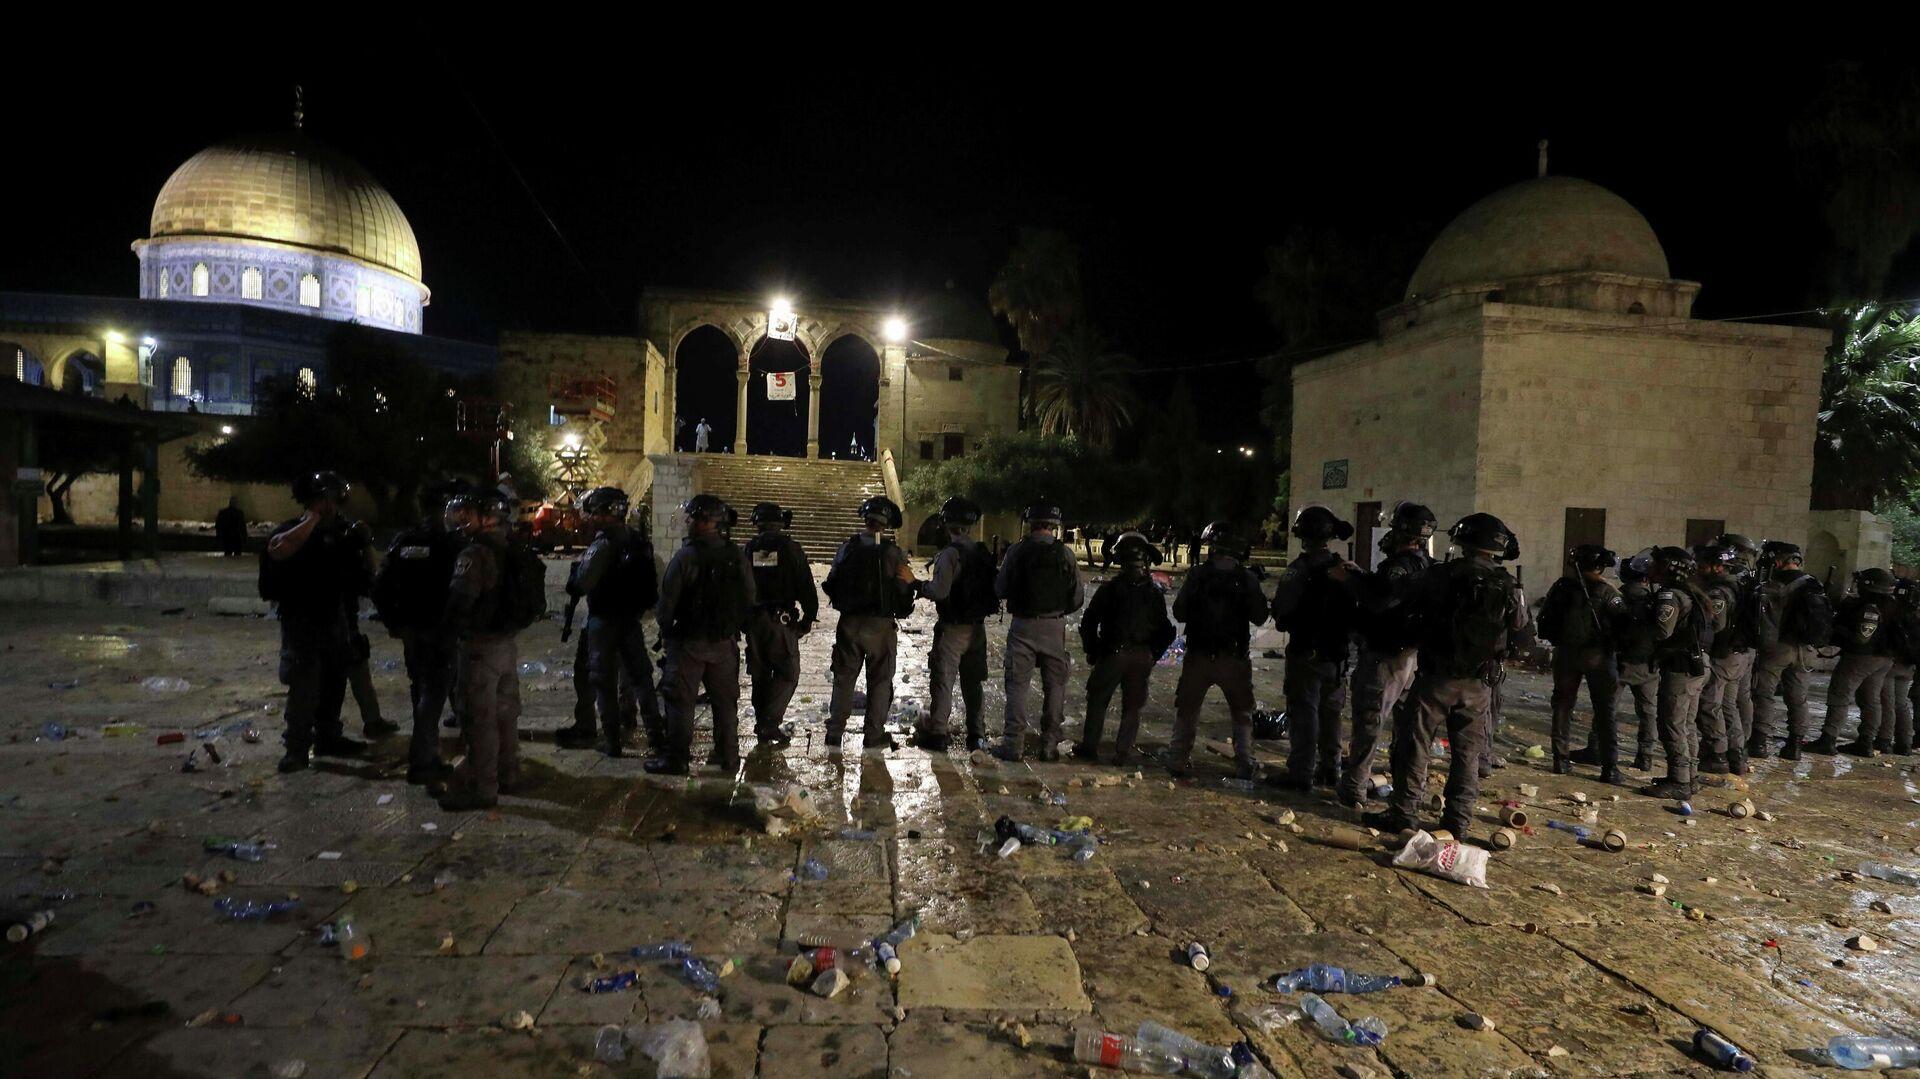 Полиция на месте столкновений возле мечети Аль-Акса в Иерусалиме - РИА Новости, 1920, 10.05.2021